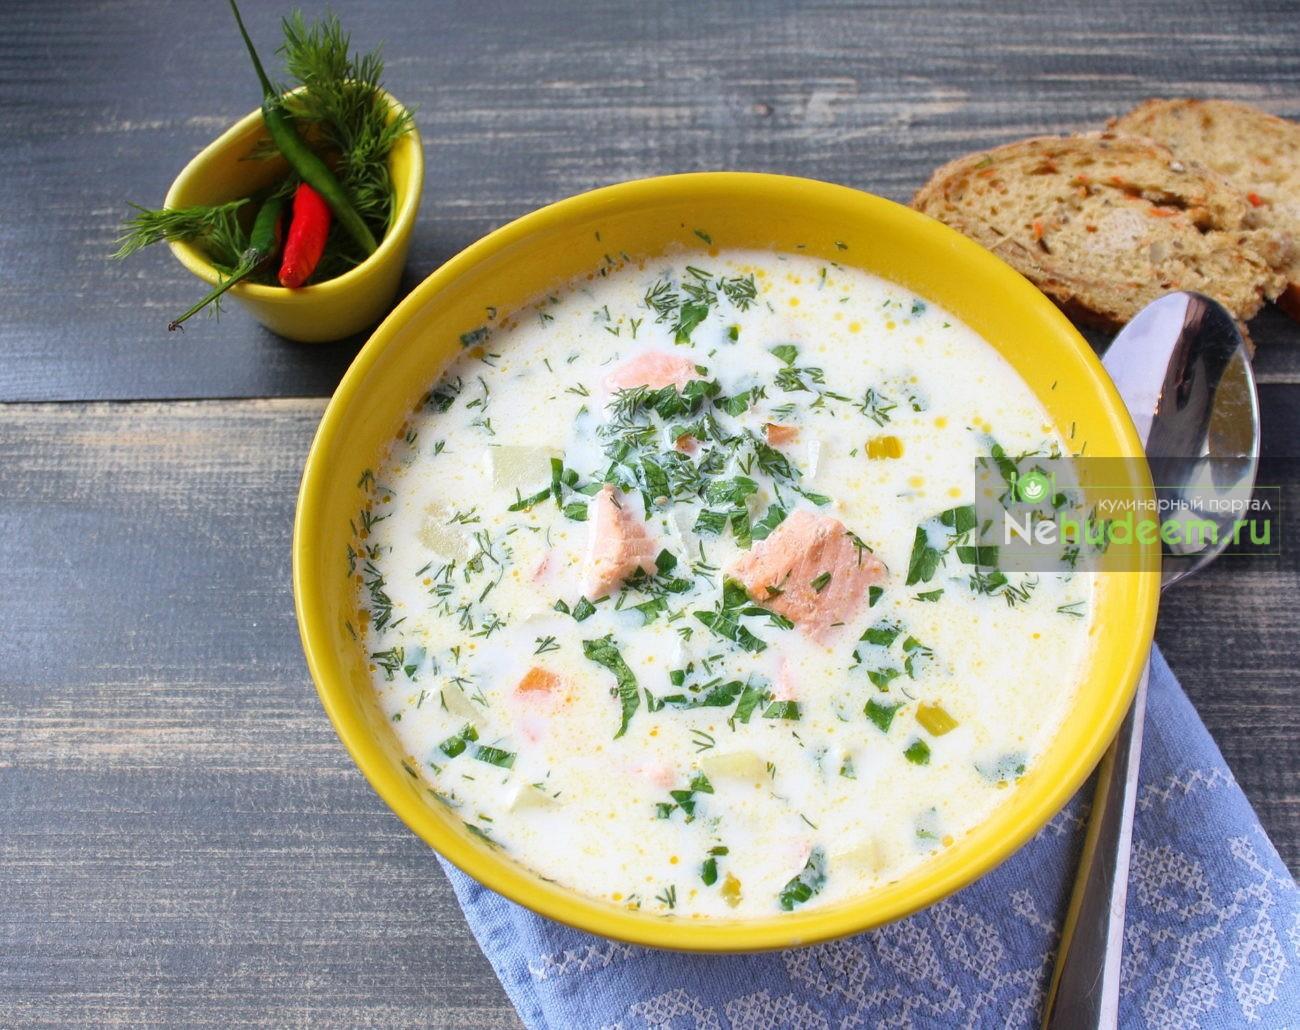 Суп из рыбы красной рецепт пошагово в